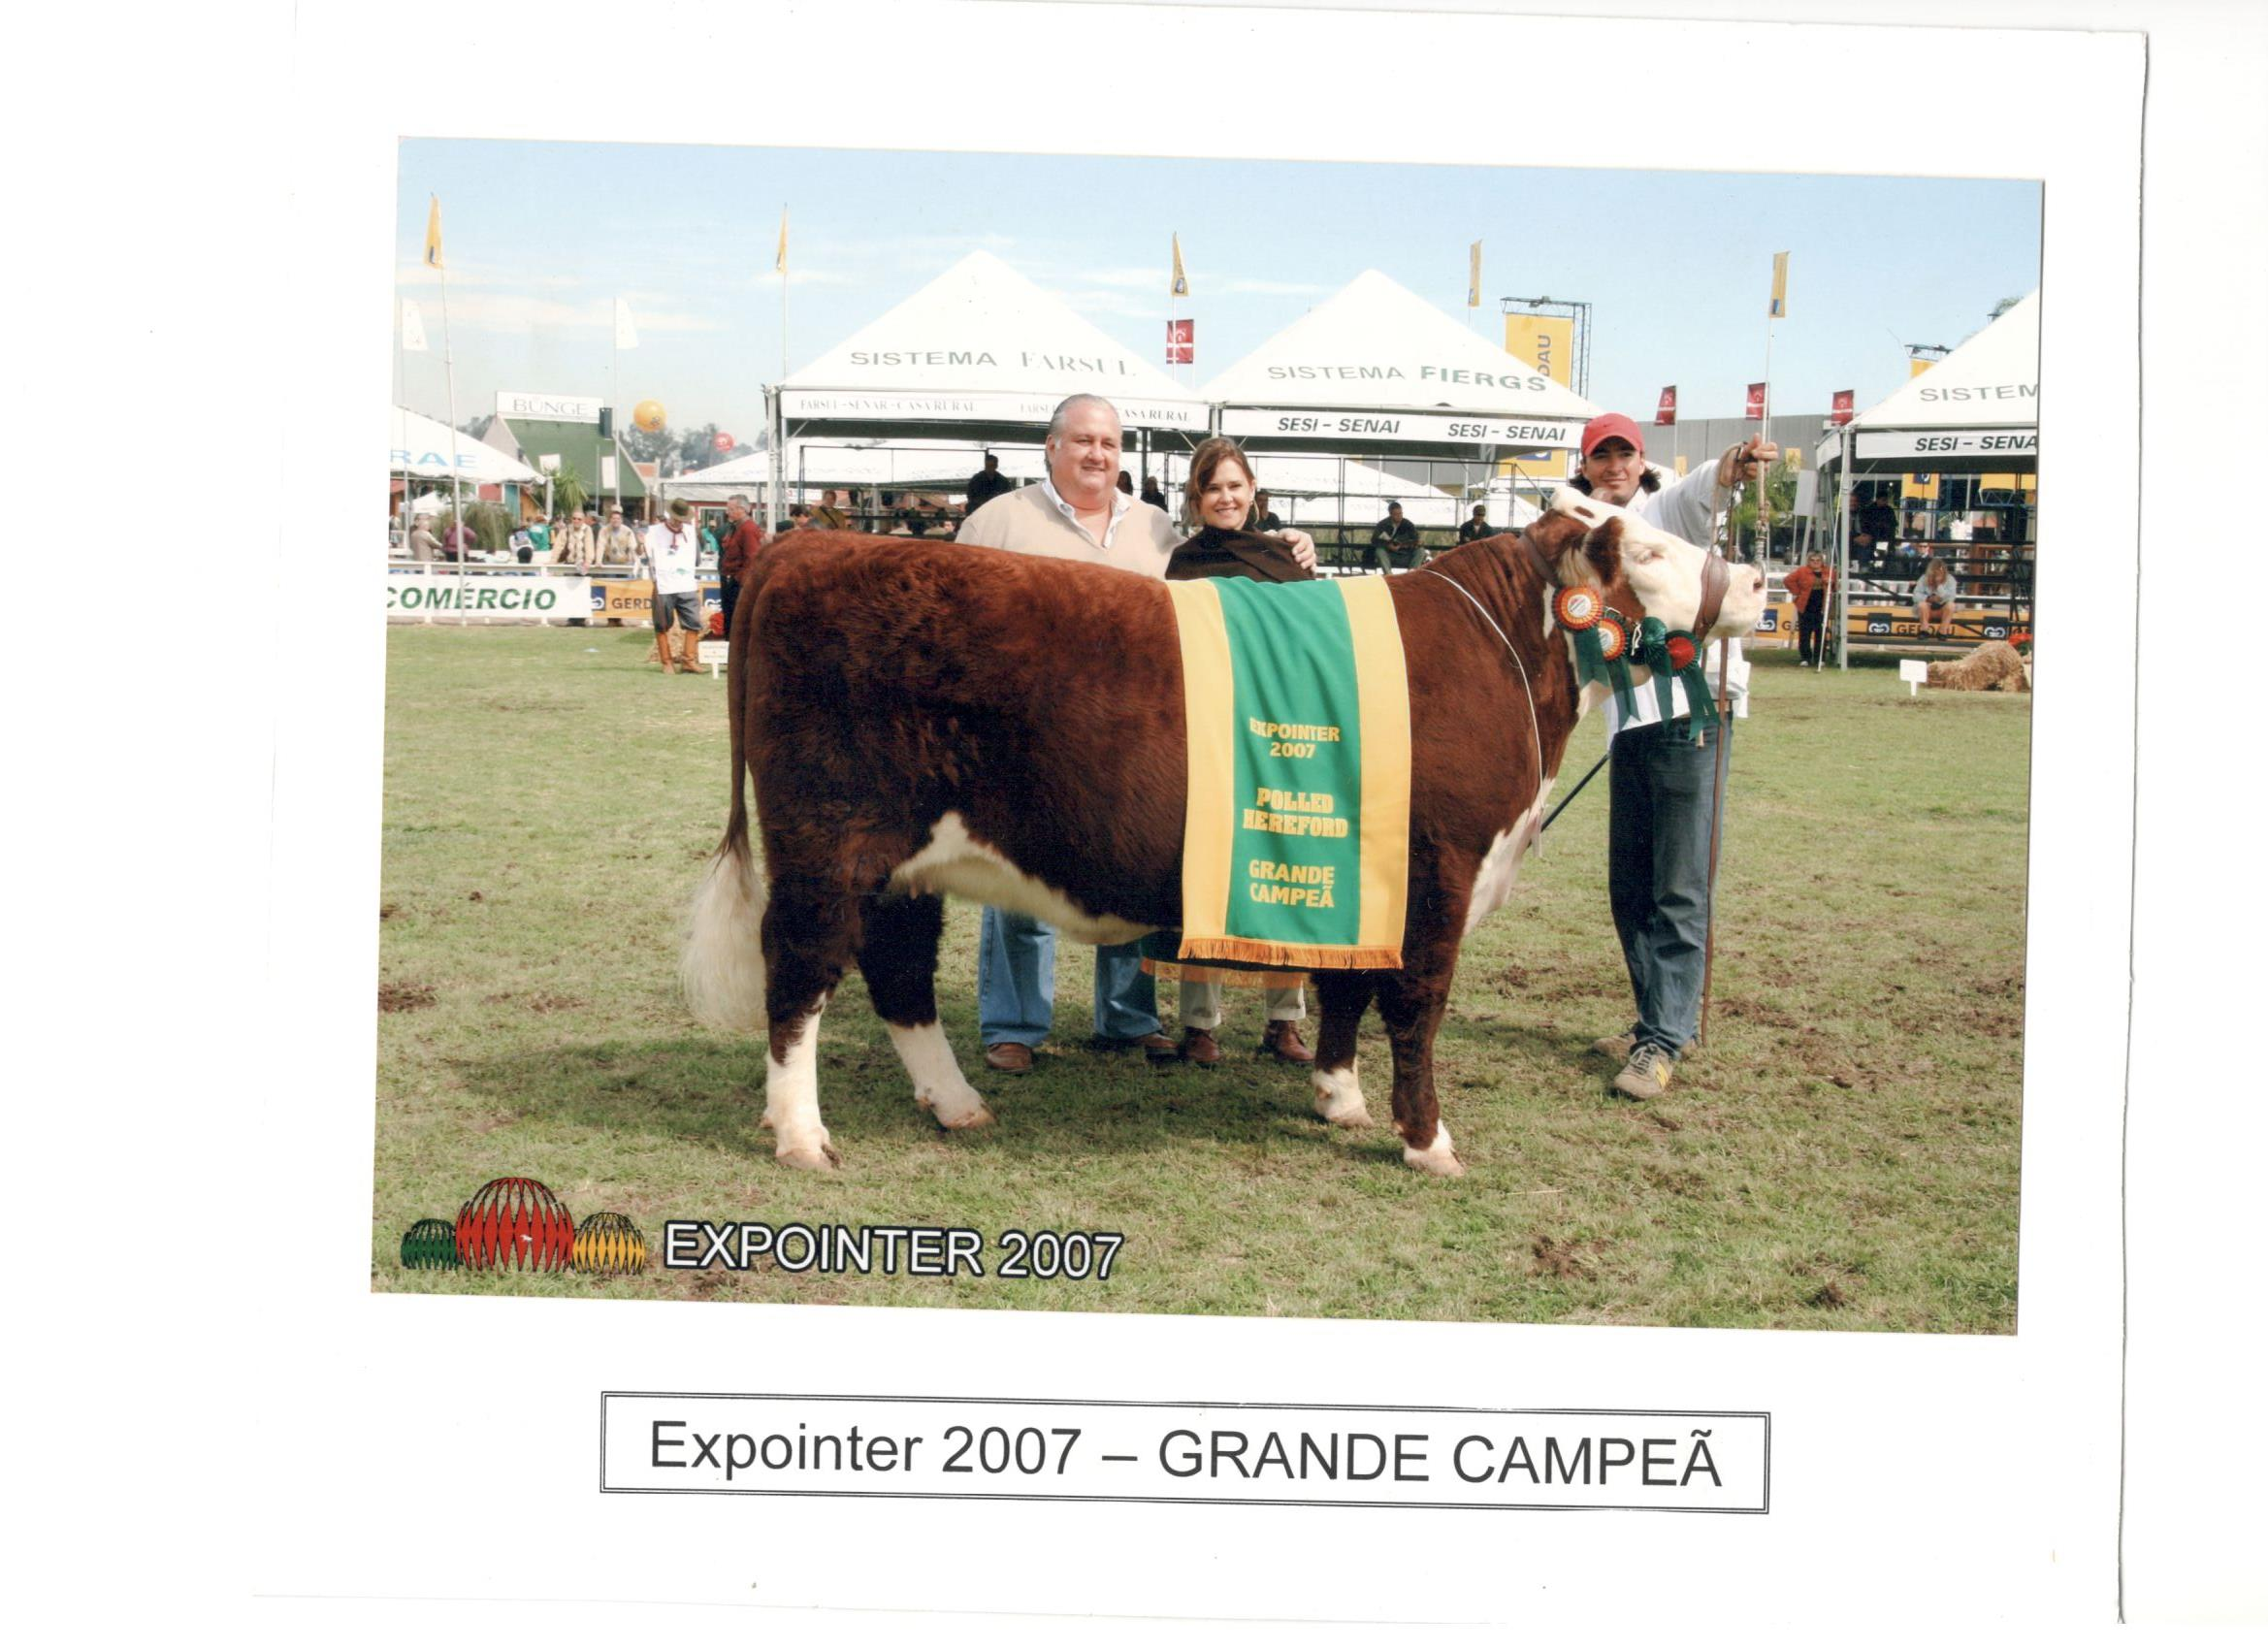 EXPOINTER_2007_-_GRANDE_CAMPEÃ